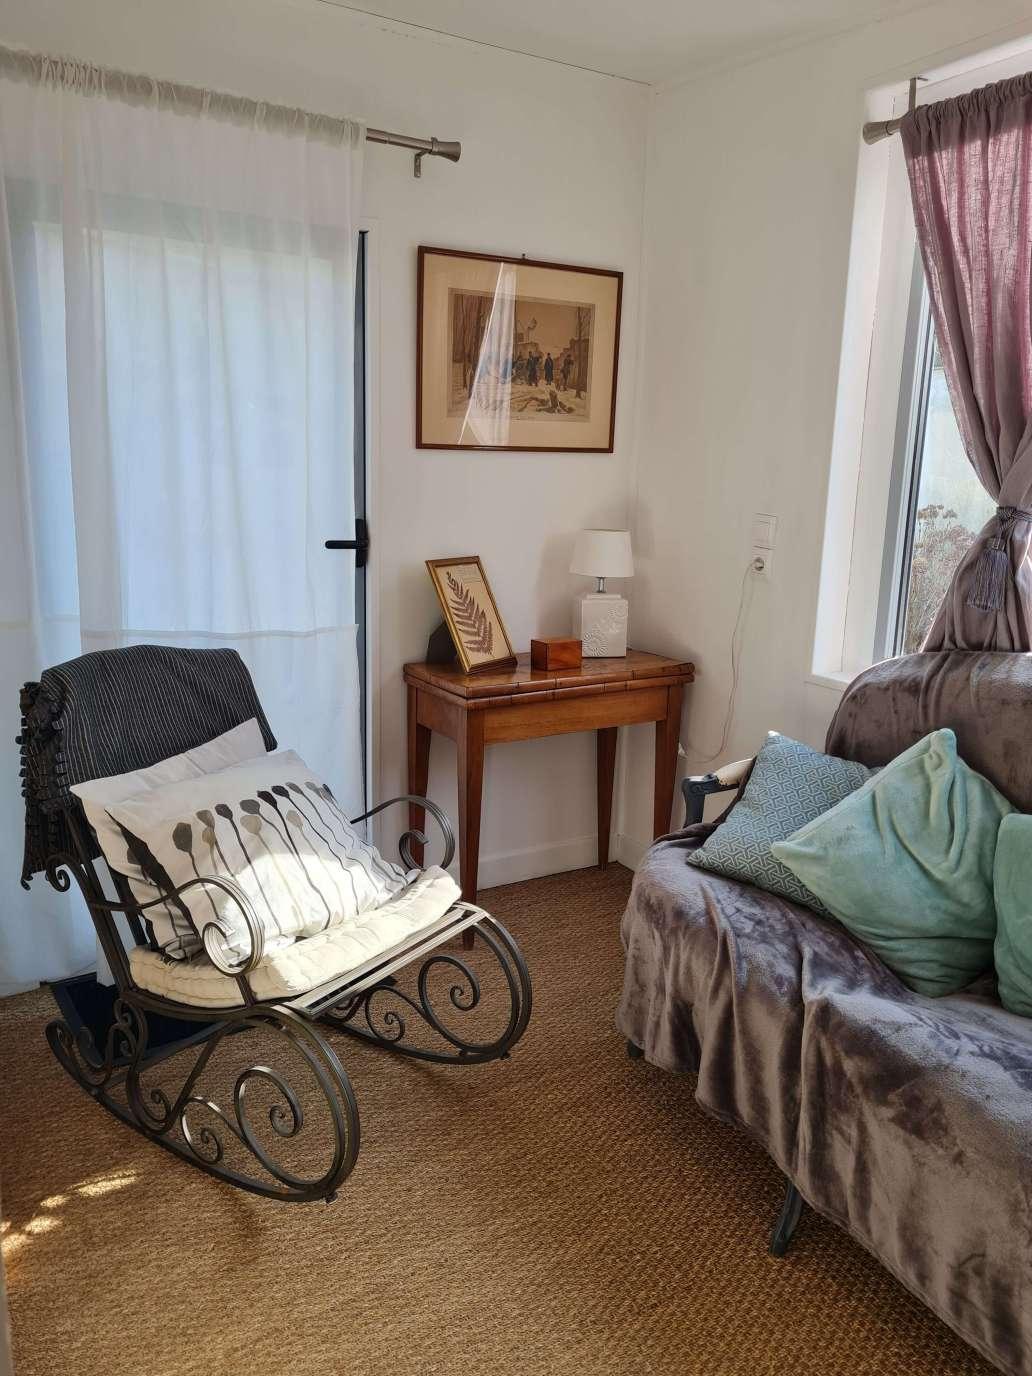 20210213 143714 1536x2048 - Airbnb Tour : visite privée d'une tiny house à Bayeux